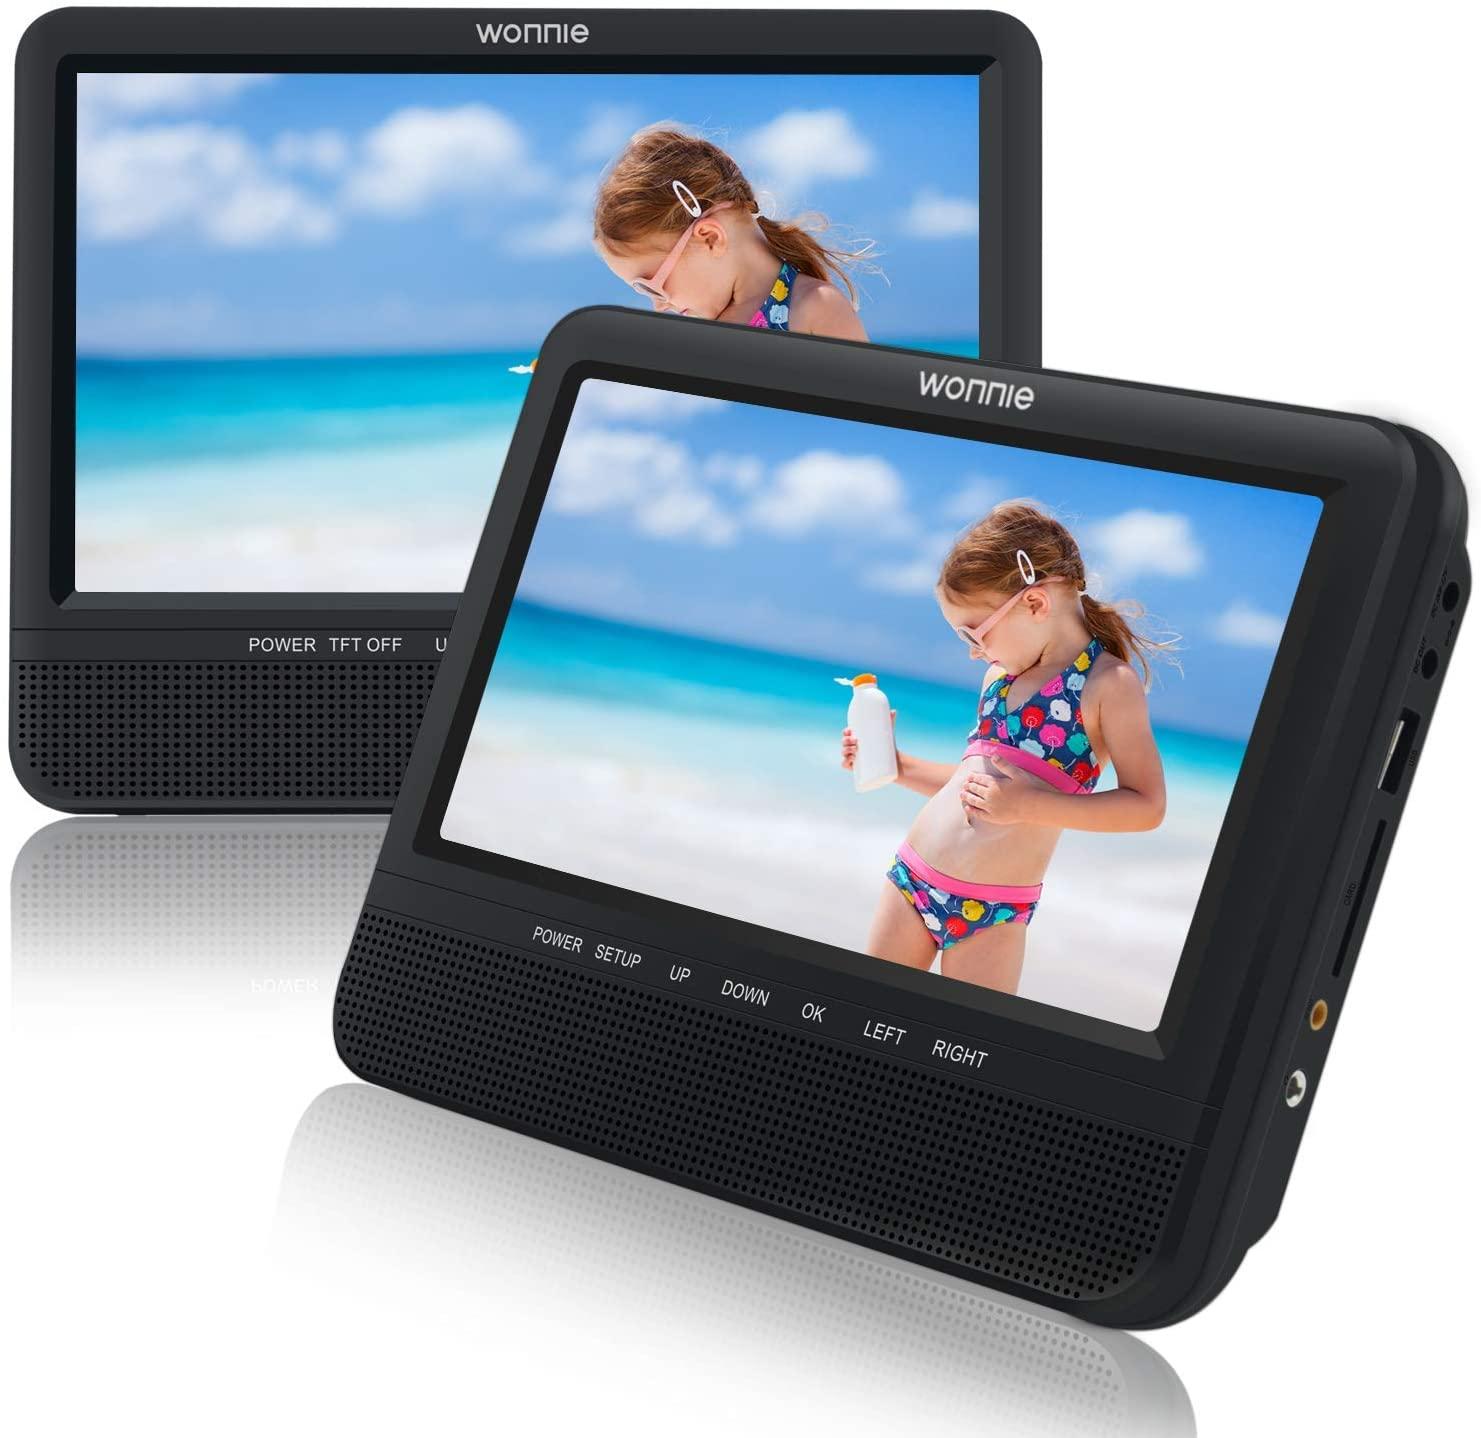 """Lecteur DVD portable Wonnie - 2 Ecrans 7.5"""" avec de Puissants Haut-parleurs stéréo (vendeur tiers)"""